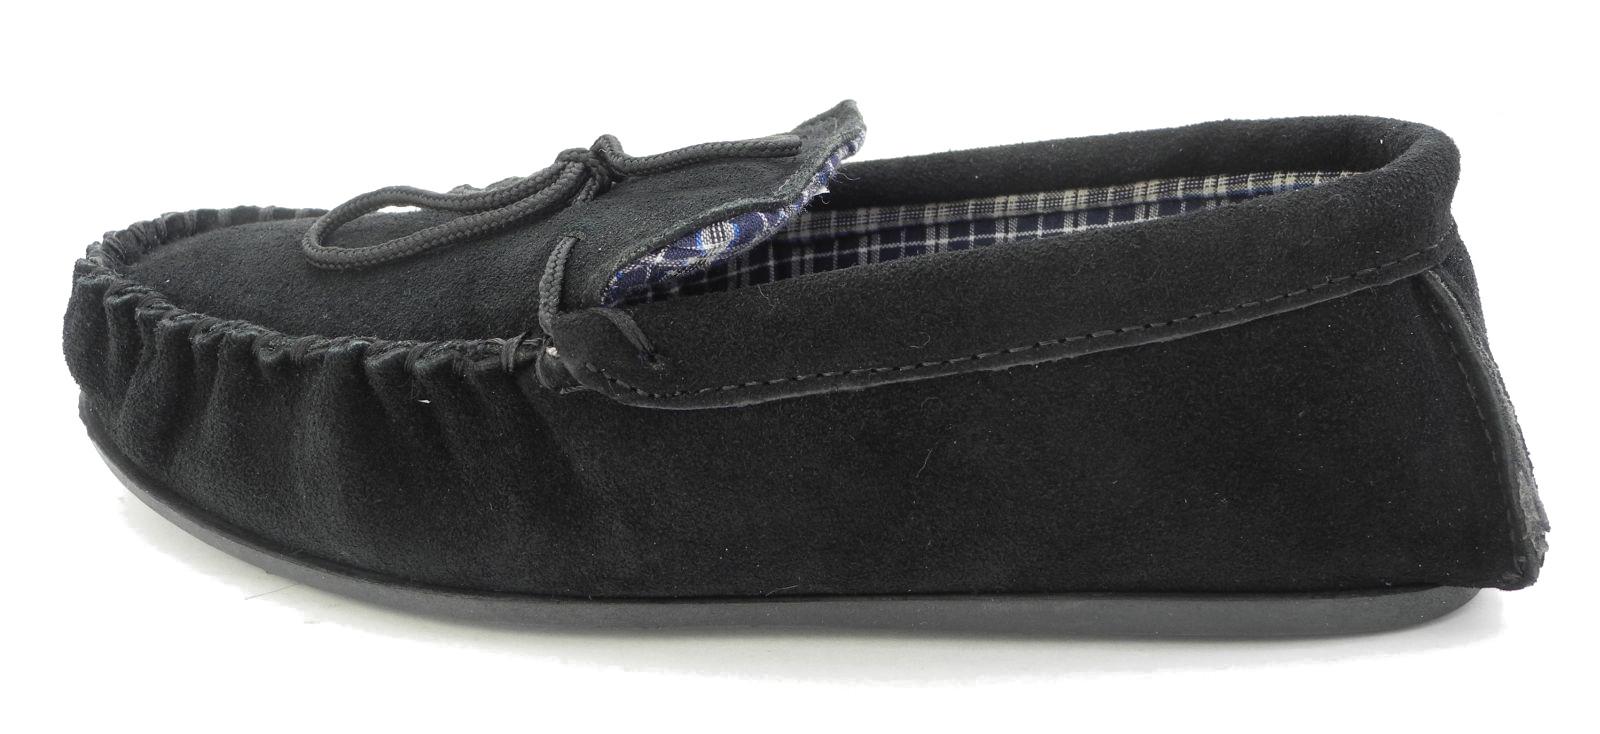 Hombre-mokkers-cuero-ante-real-Zapatillas-Mocasin-negro-marron-azul-Talla-6-15